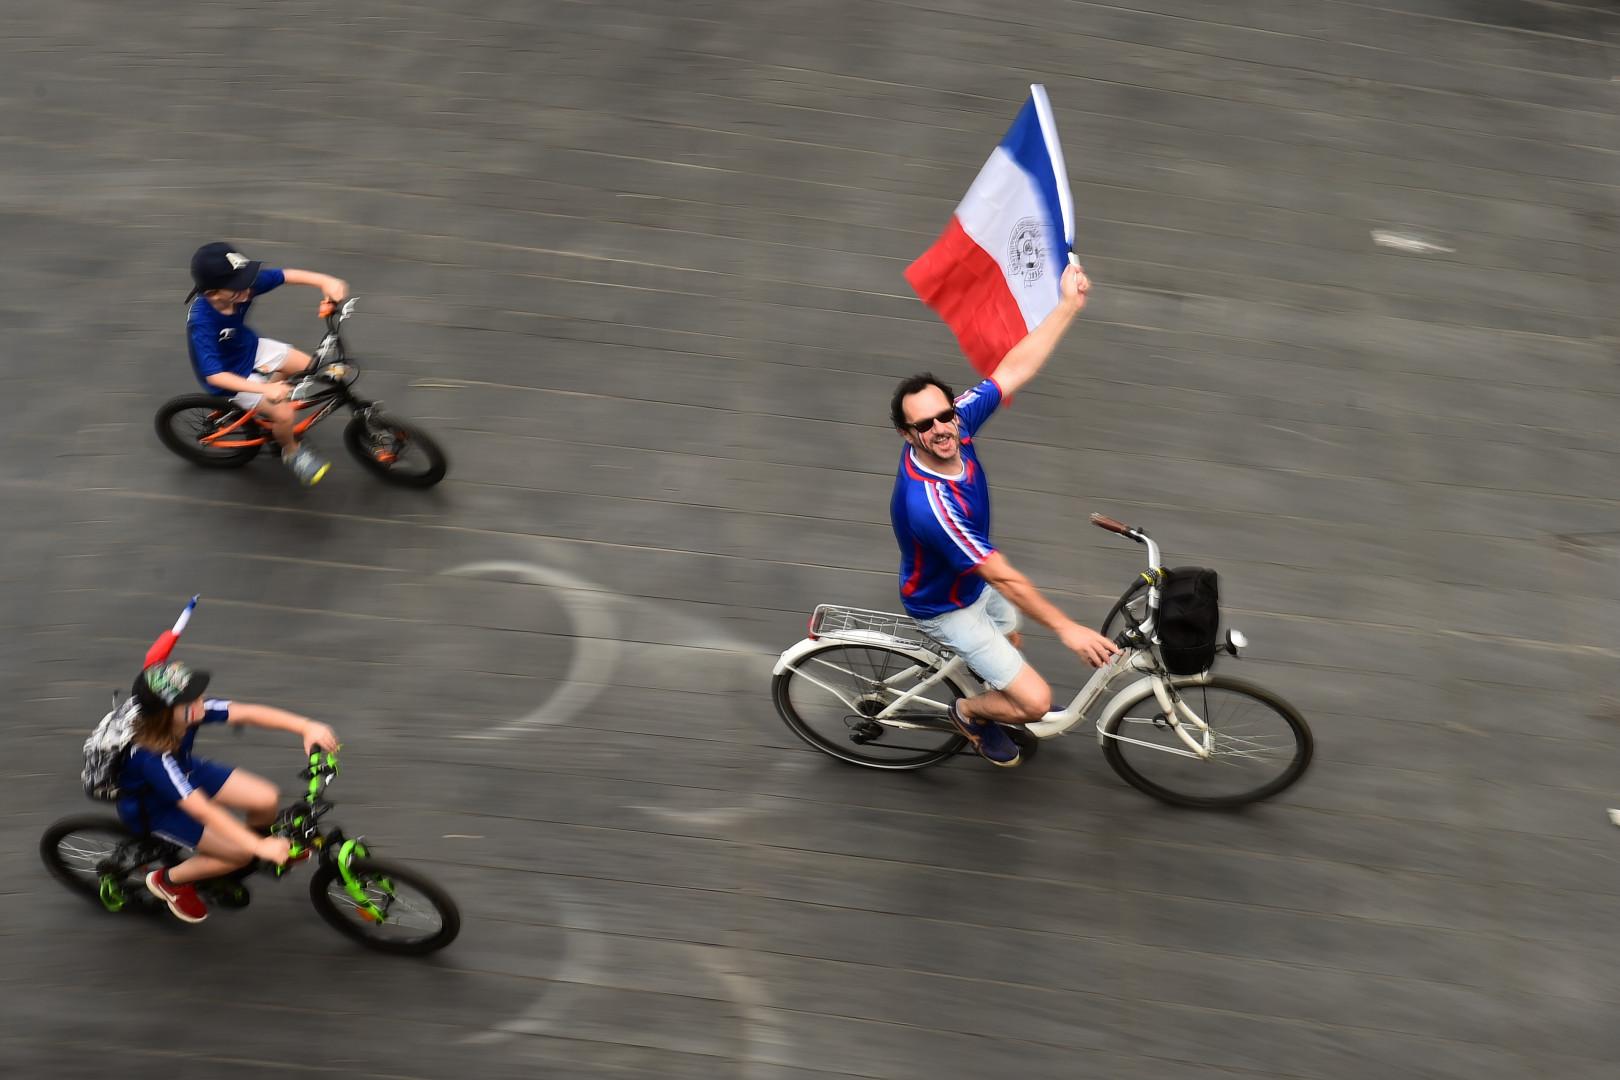 À Bordeaux, même à vélo, les supporters des Bleus ont leur drapeau bleu blanc rouge, le 15 juillet 2018, avant la finale France-Croatie.